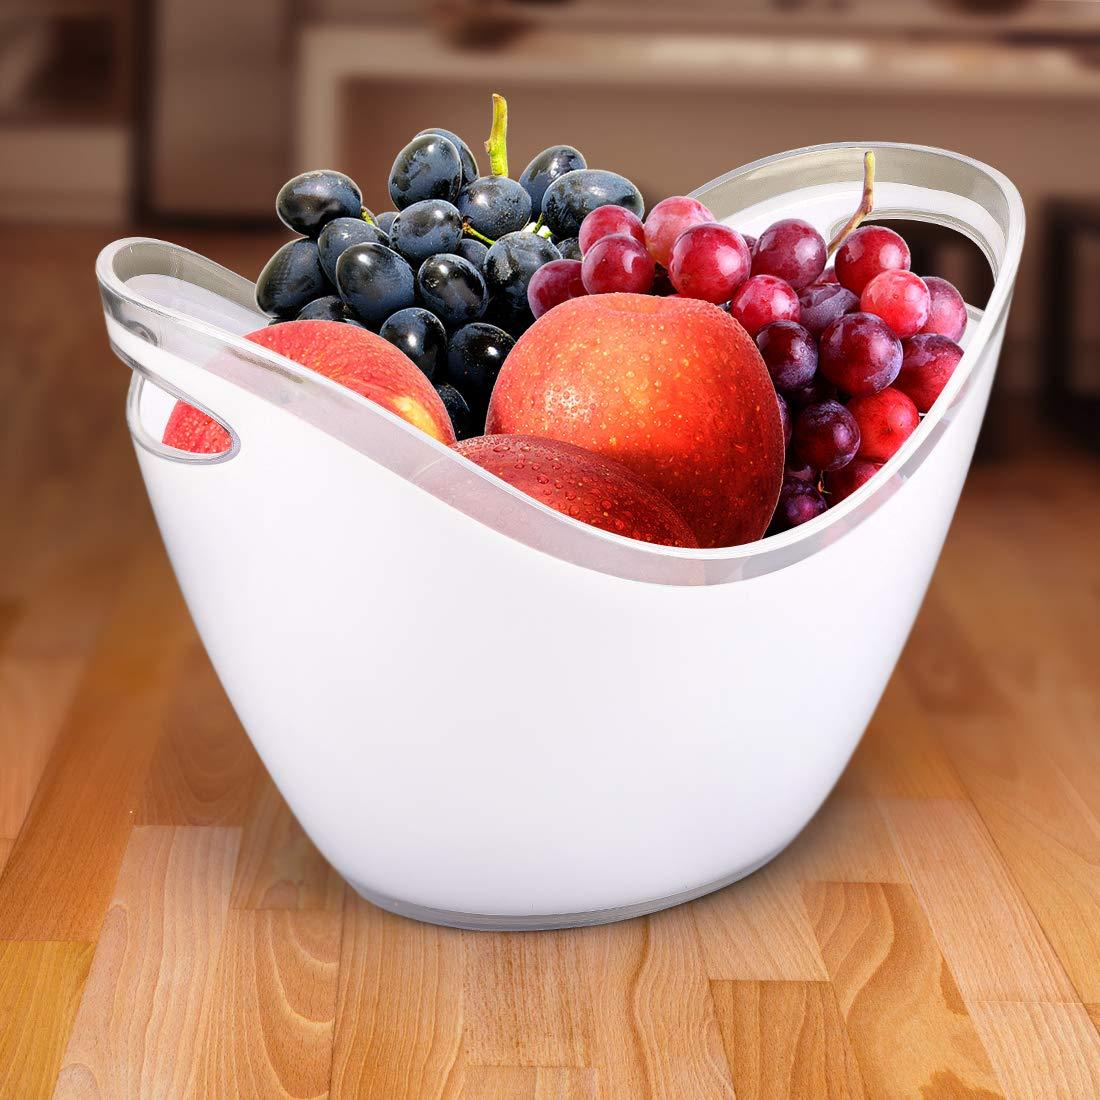 Clear Yobansa 3.5L Seau /à Glace,Seau /à Champagne,Sceaux /à Glace,Seau /à Glace en Plastique,Conteneur de Fruits et l/égumes